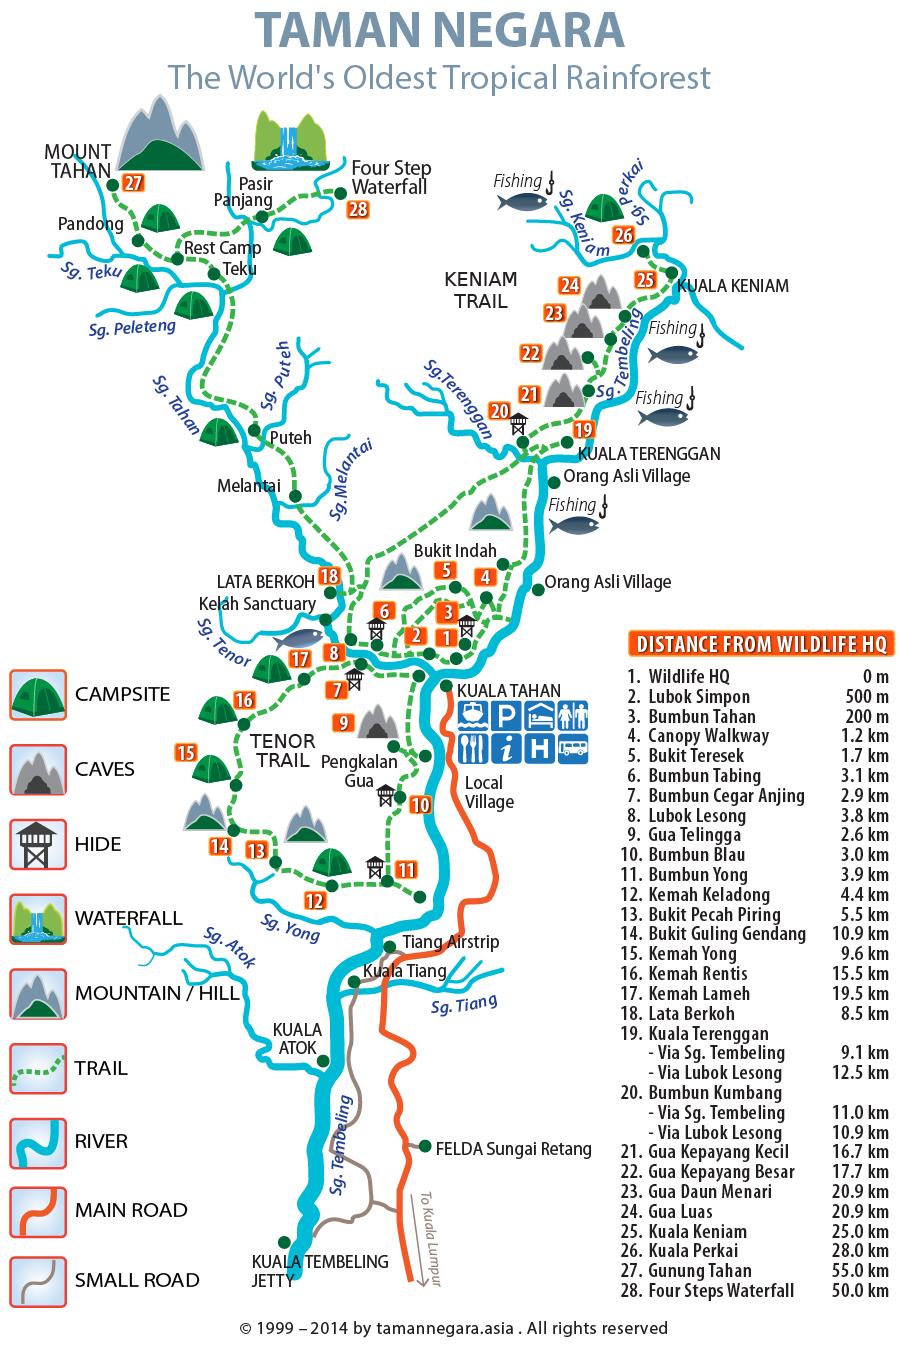 Visitar Taman Negara por libre